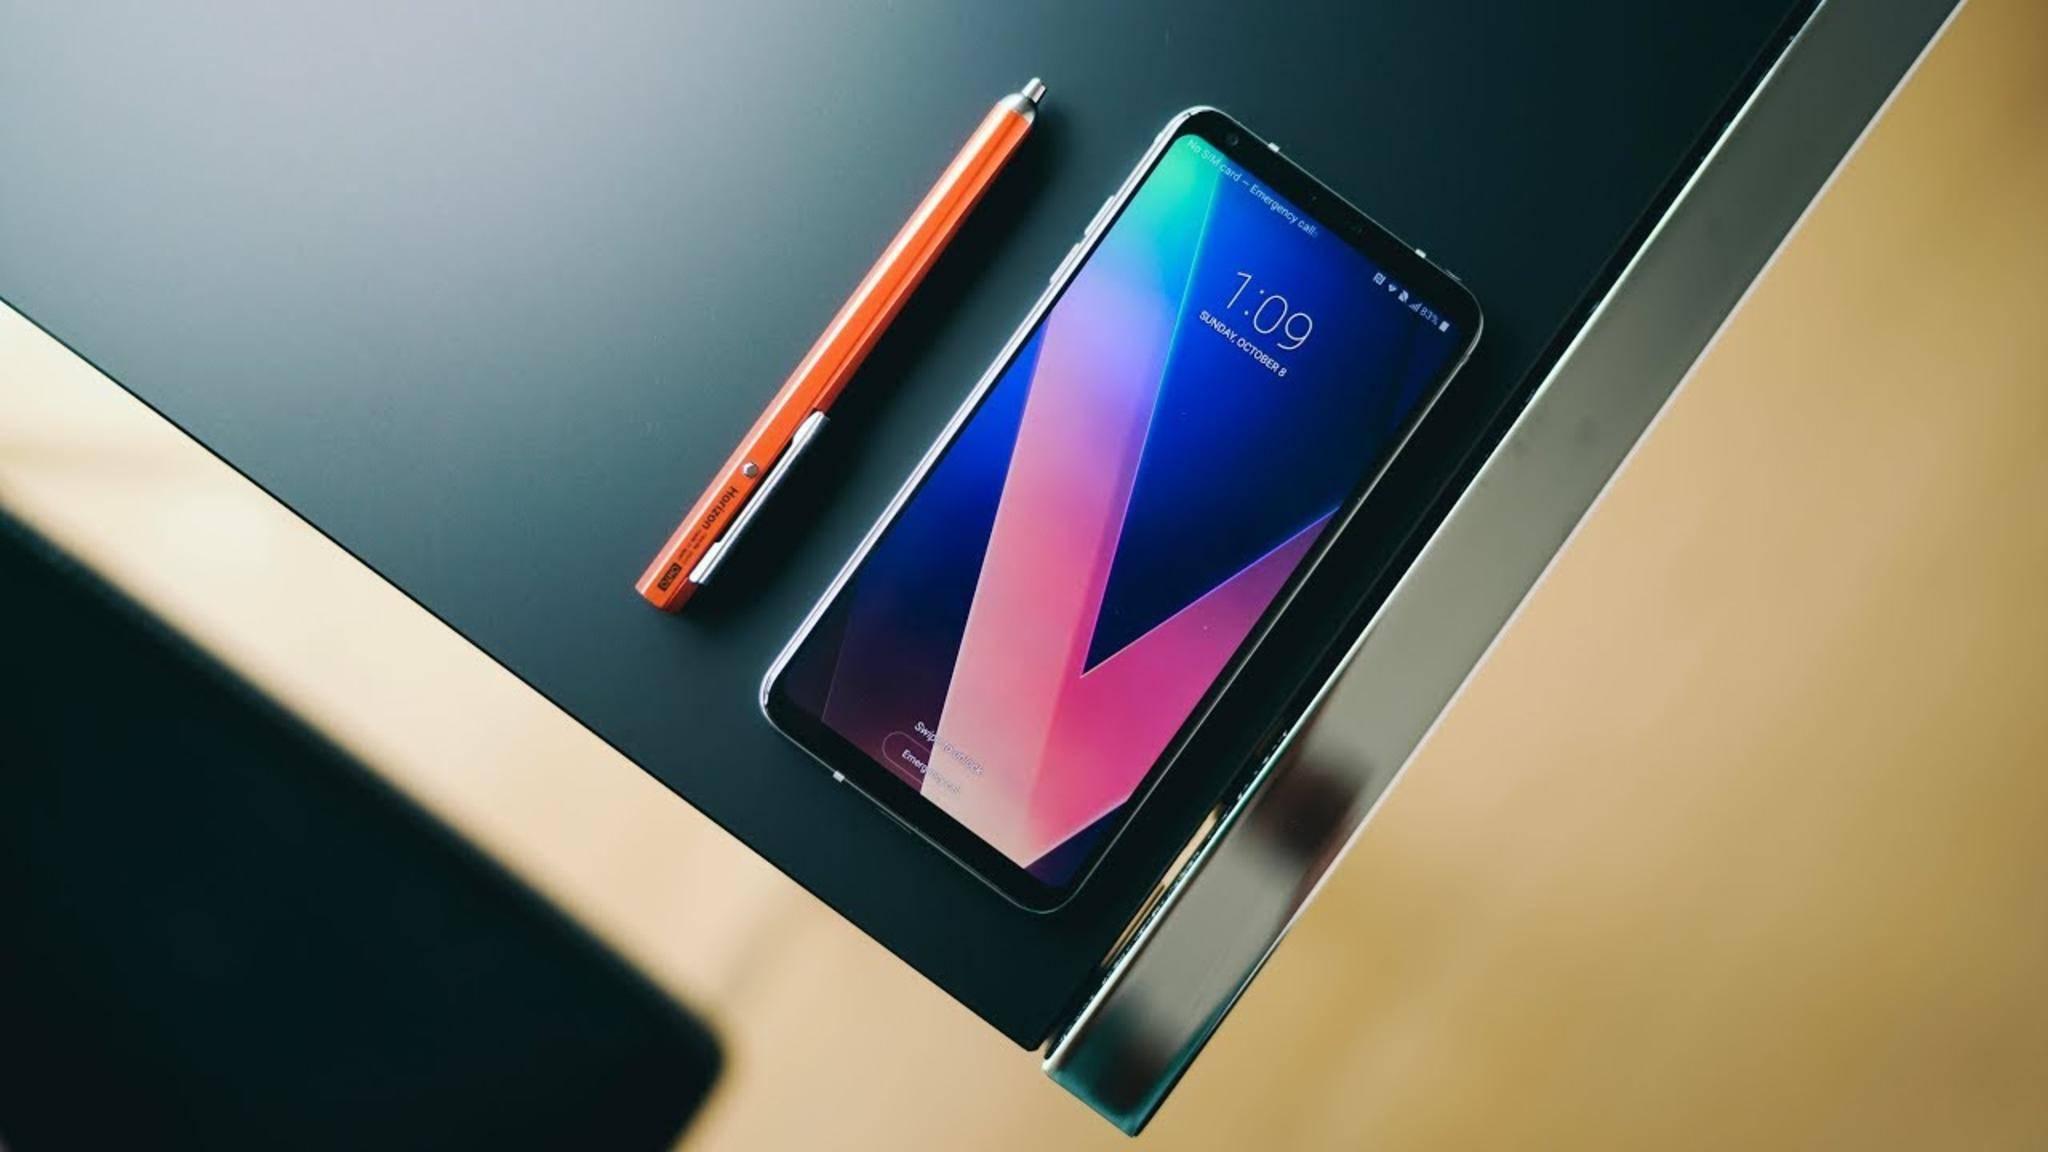 Das LG V30 bekommt vermutlich bald einen Nachfolger.